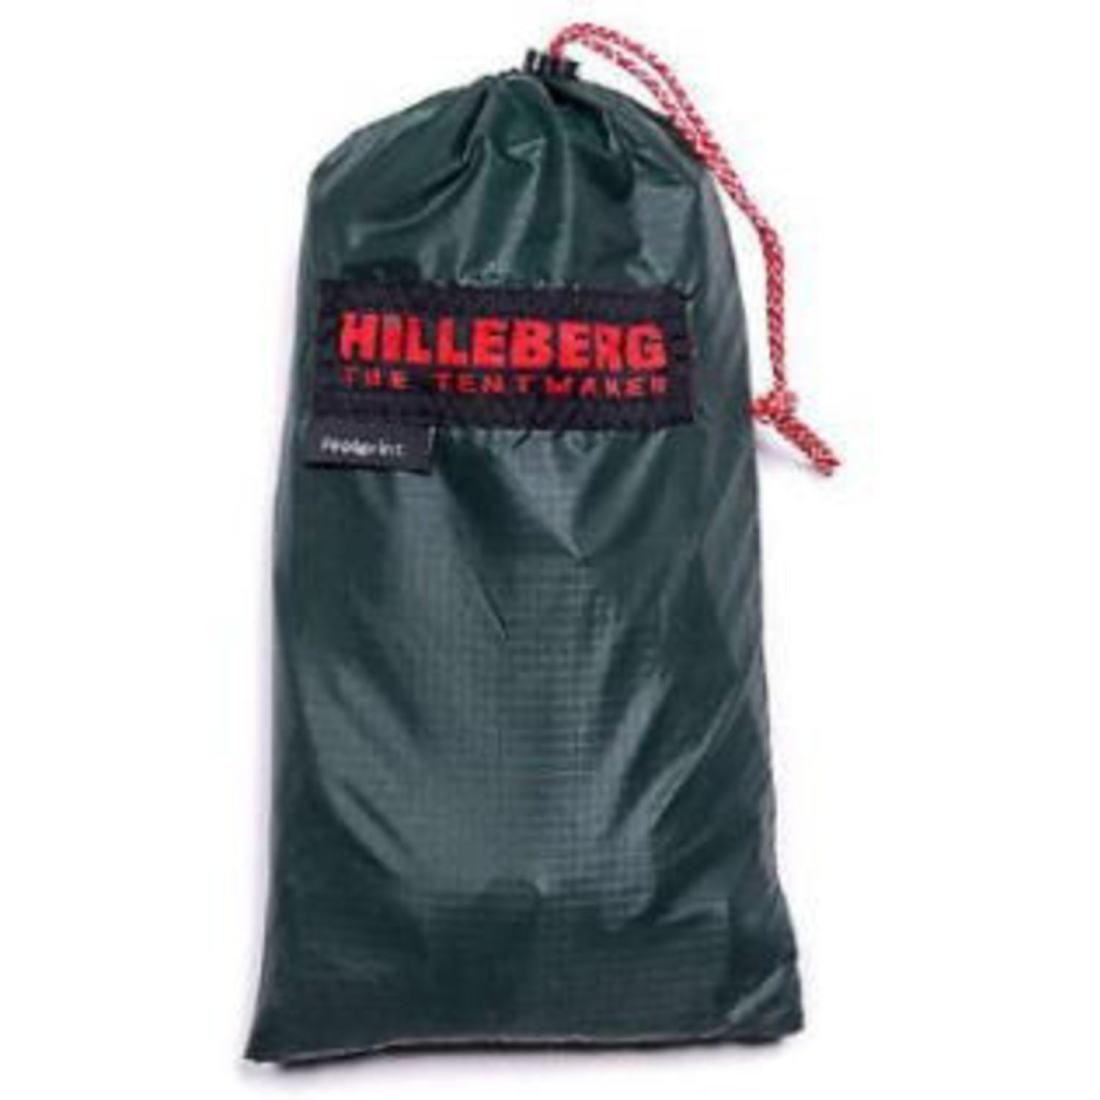 ヒルバーグ 二アック1.5フットプリント ニアック用 アンダーシート  国内正規品